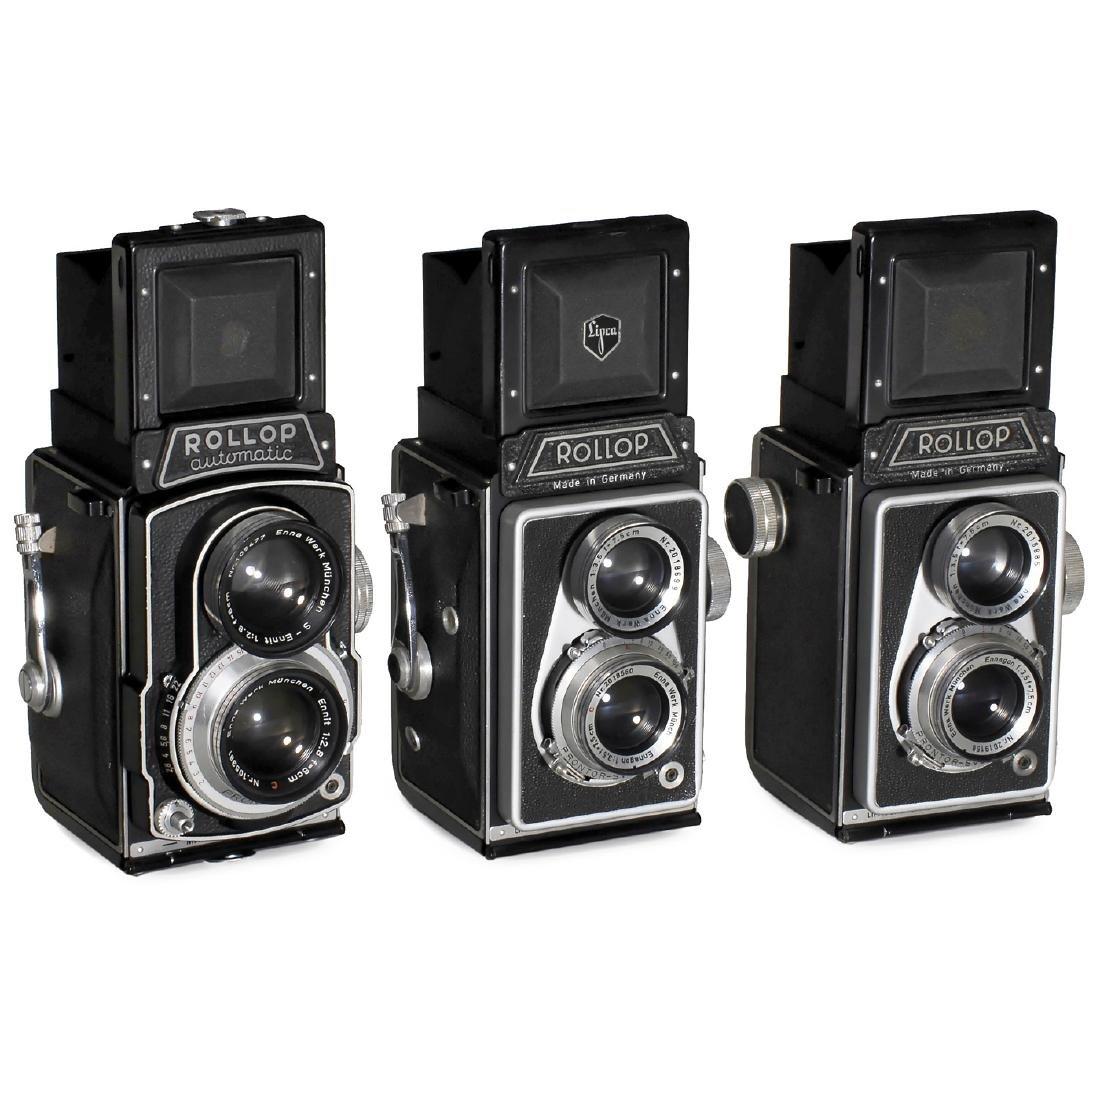 3 Rollop Cameras